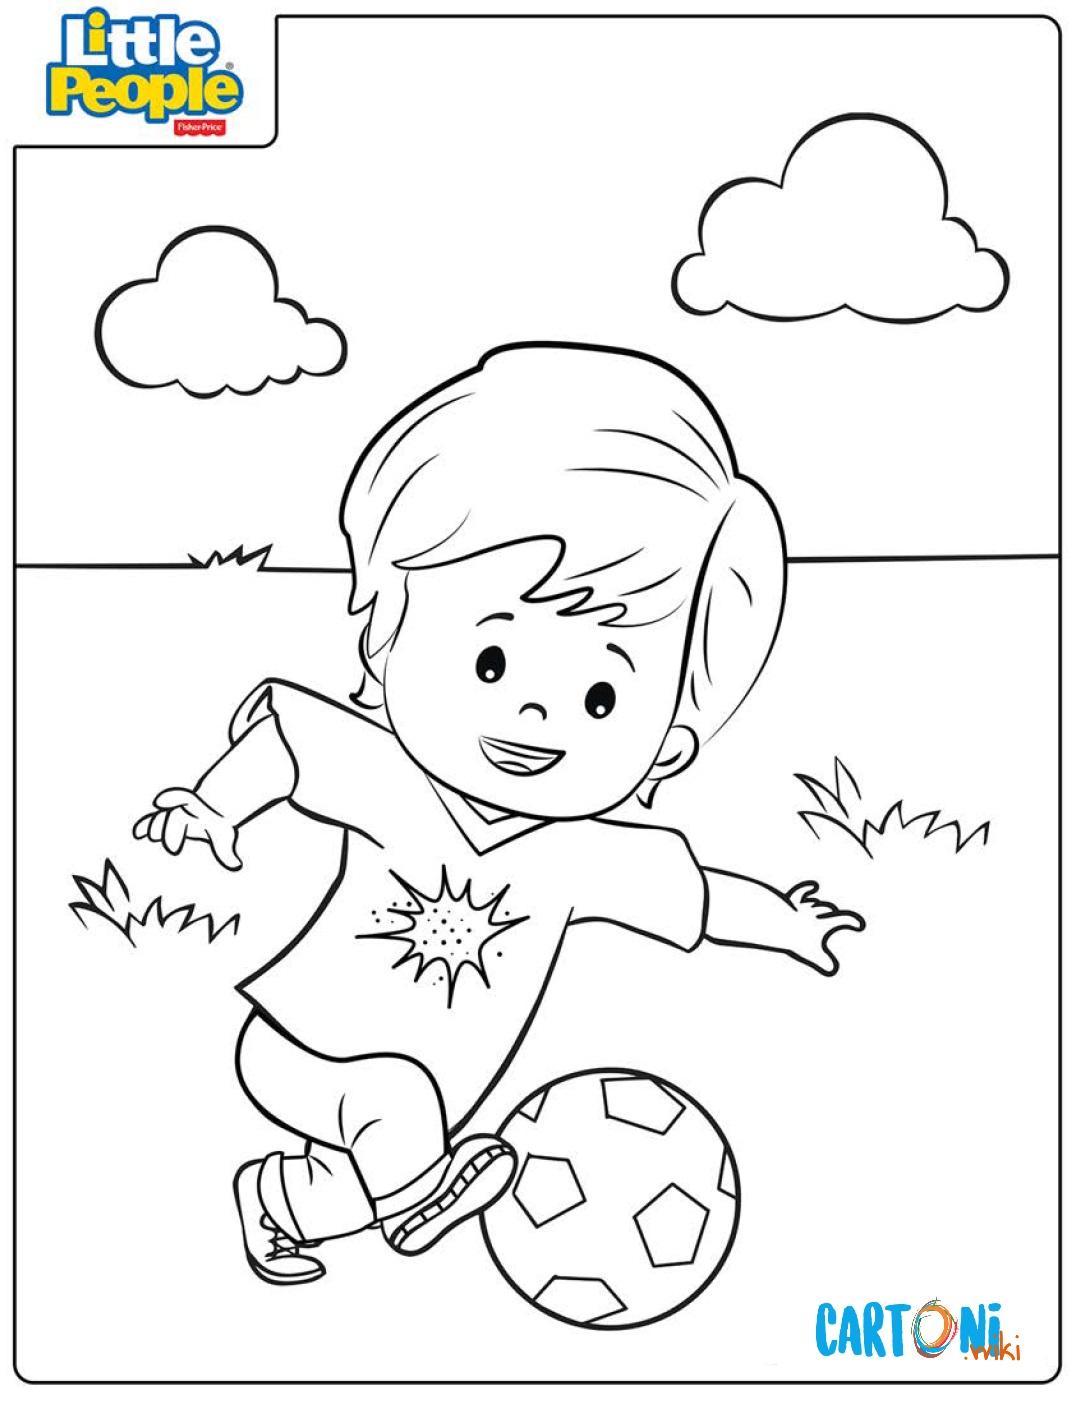 Disegno Da Colorare Bambini Che Giocano.Eddie Che Gioca A Pallone Disegno Da Colorare Cartoni Animati